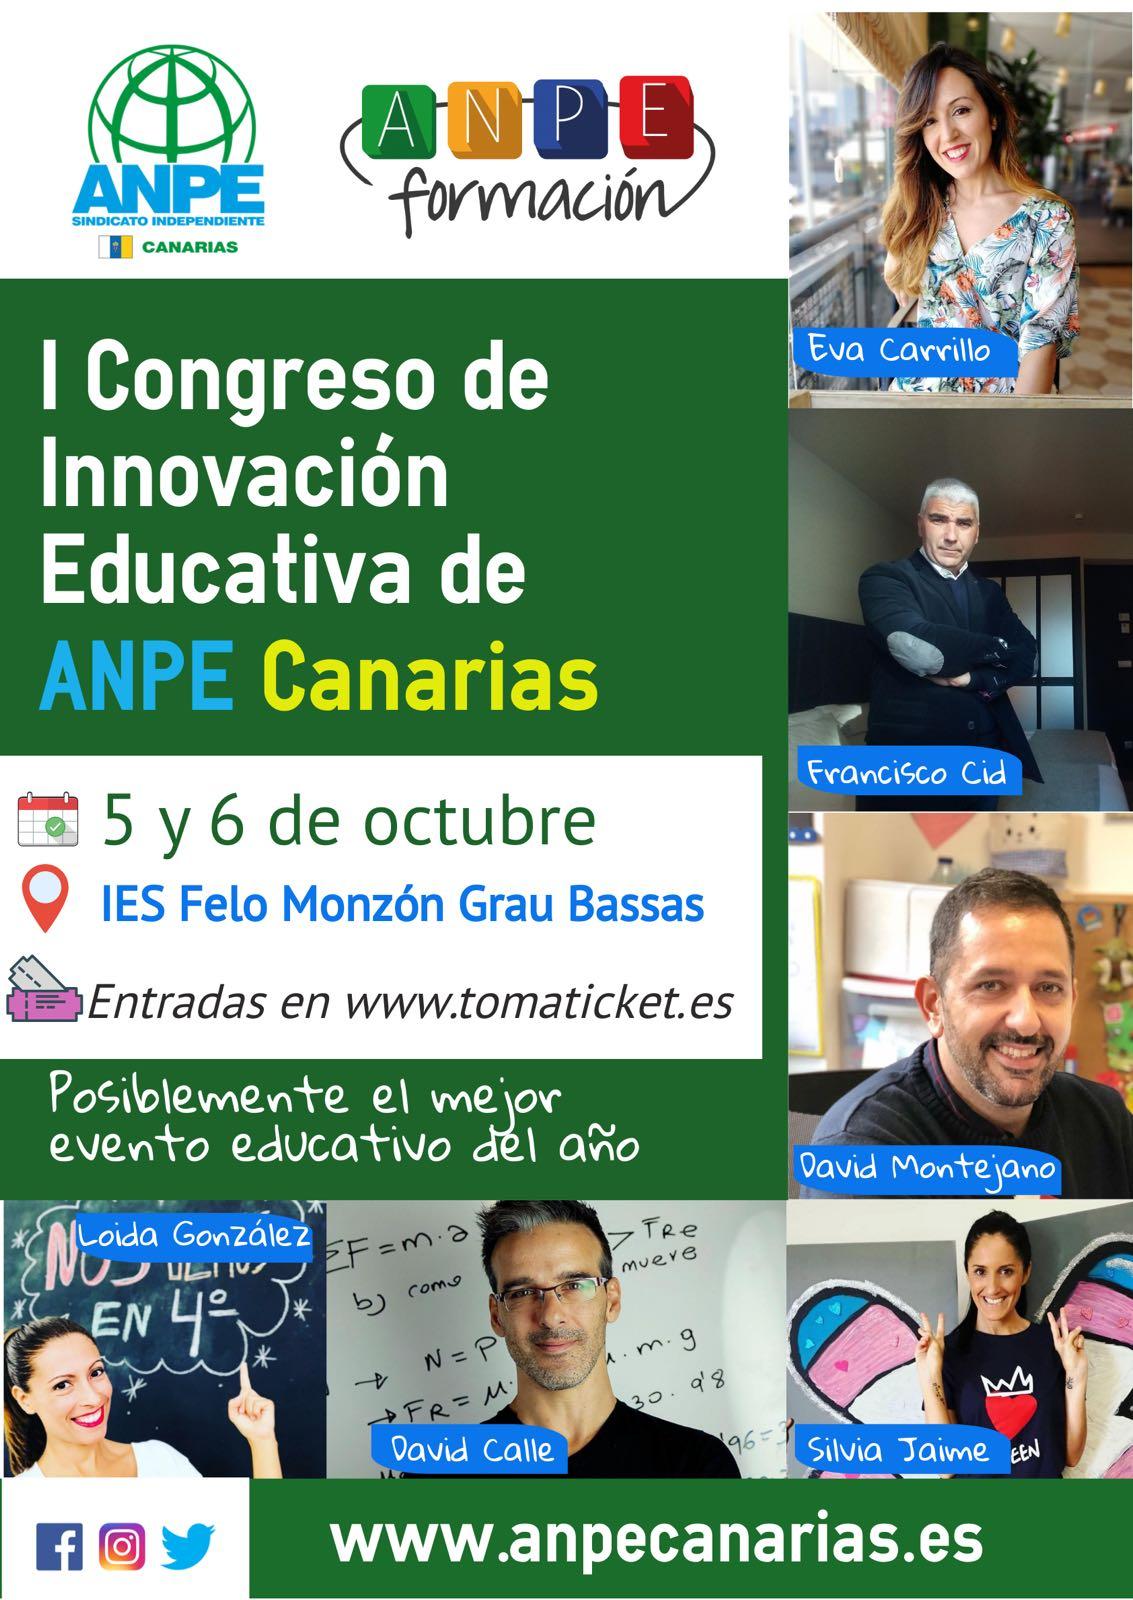 I Congreso de Innovación Educativa de ANPE Canarias del 5 al 6 de octubre en el IES Felo Monzón.